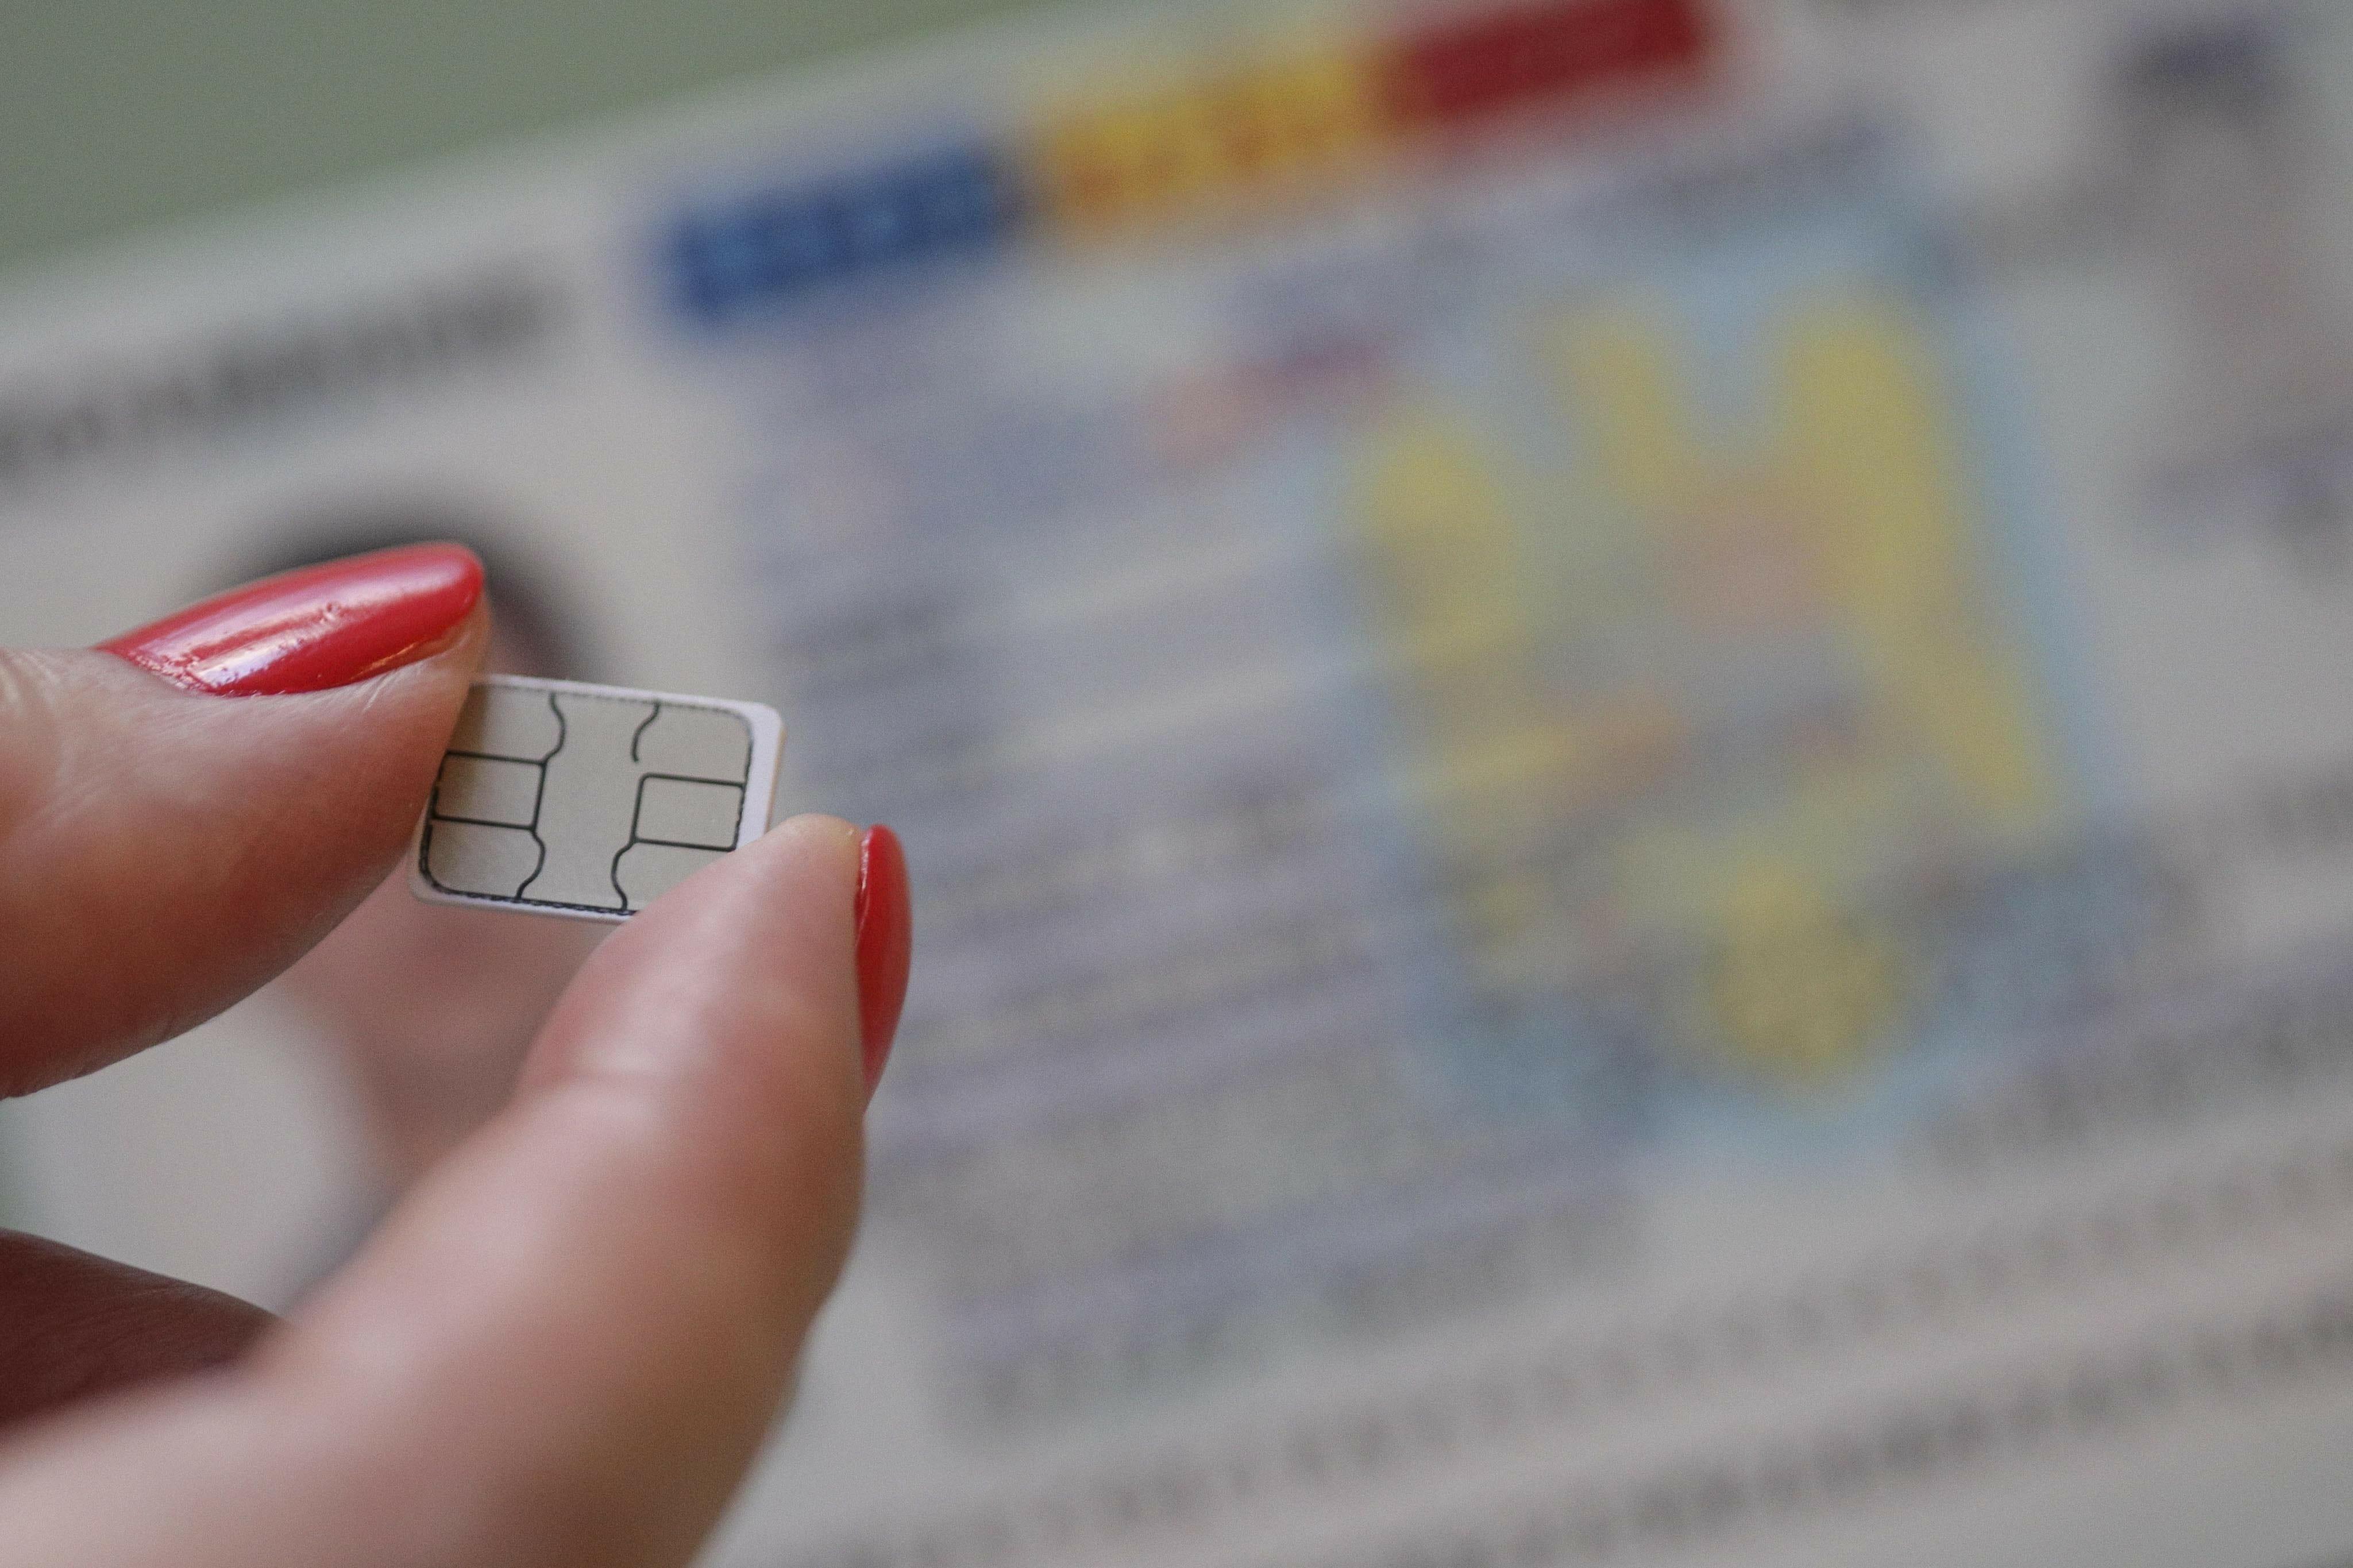 Stelian Ion: Trebuie să luăm foarte în serios reanalizarea soluţiei referitoare la interzicerea cumpărării cartelelor telefonice fără buletin